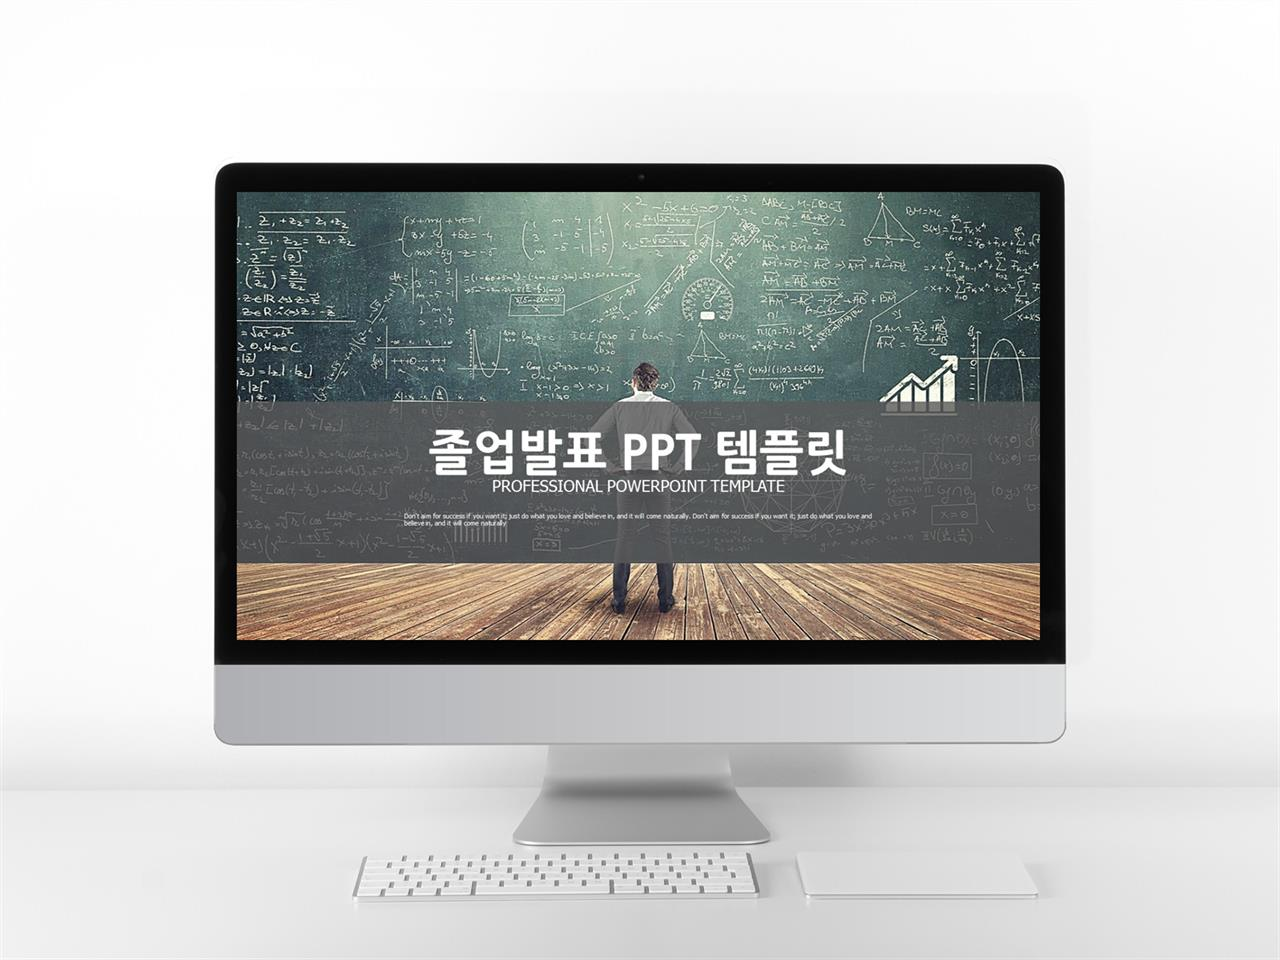 연구계획서 초록색 단순한 고급스럽운 POWERPOINT배경 사이트 미리보기